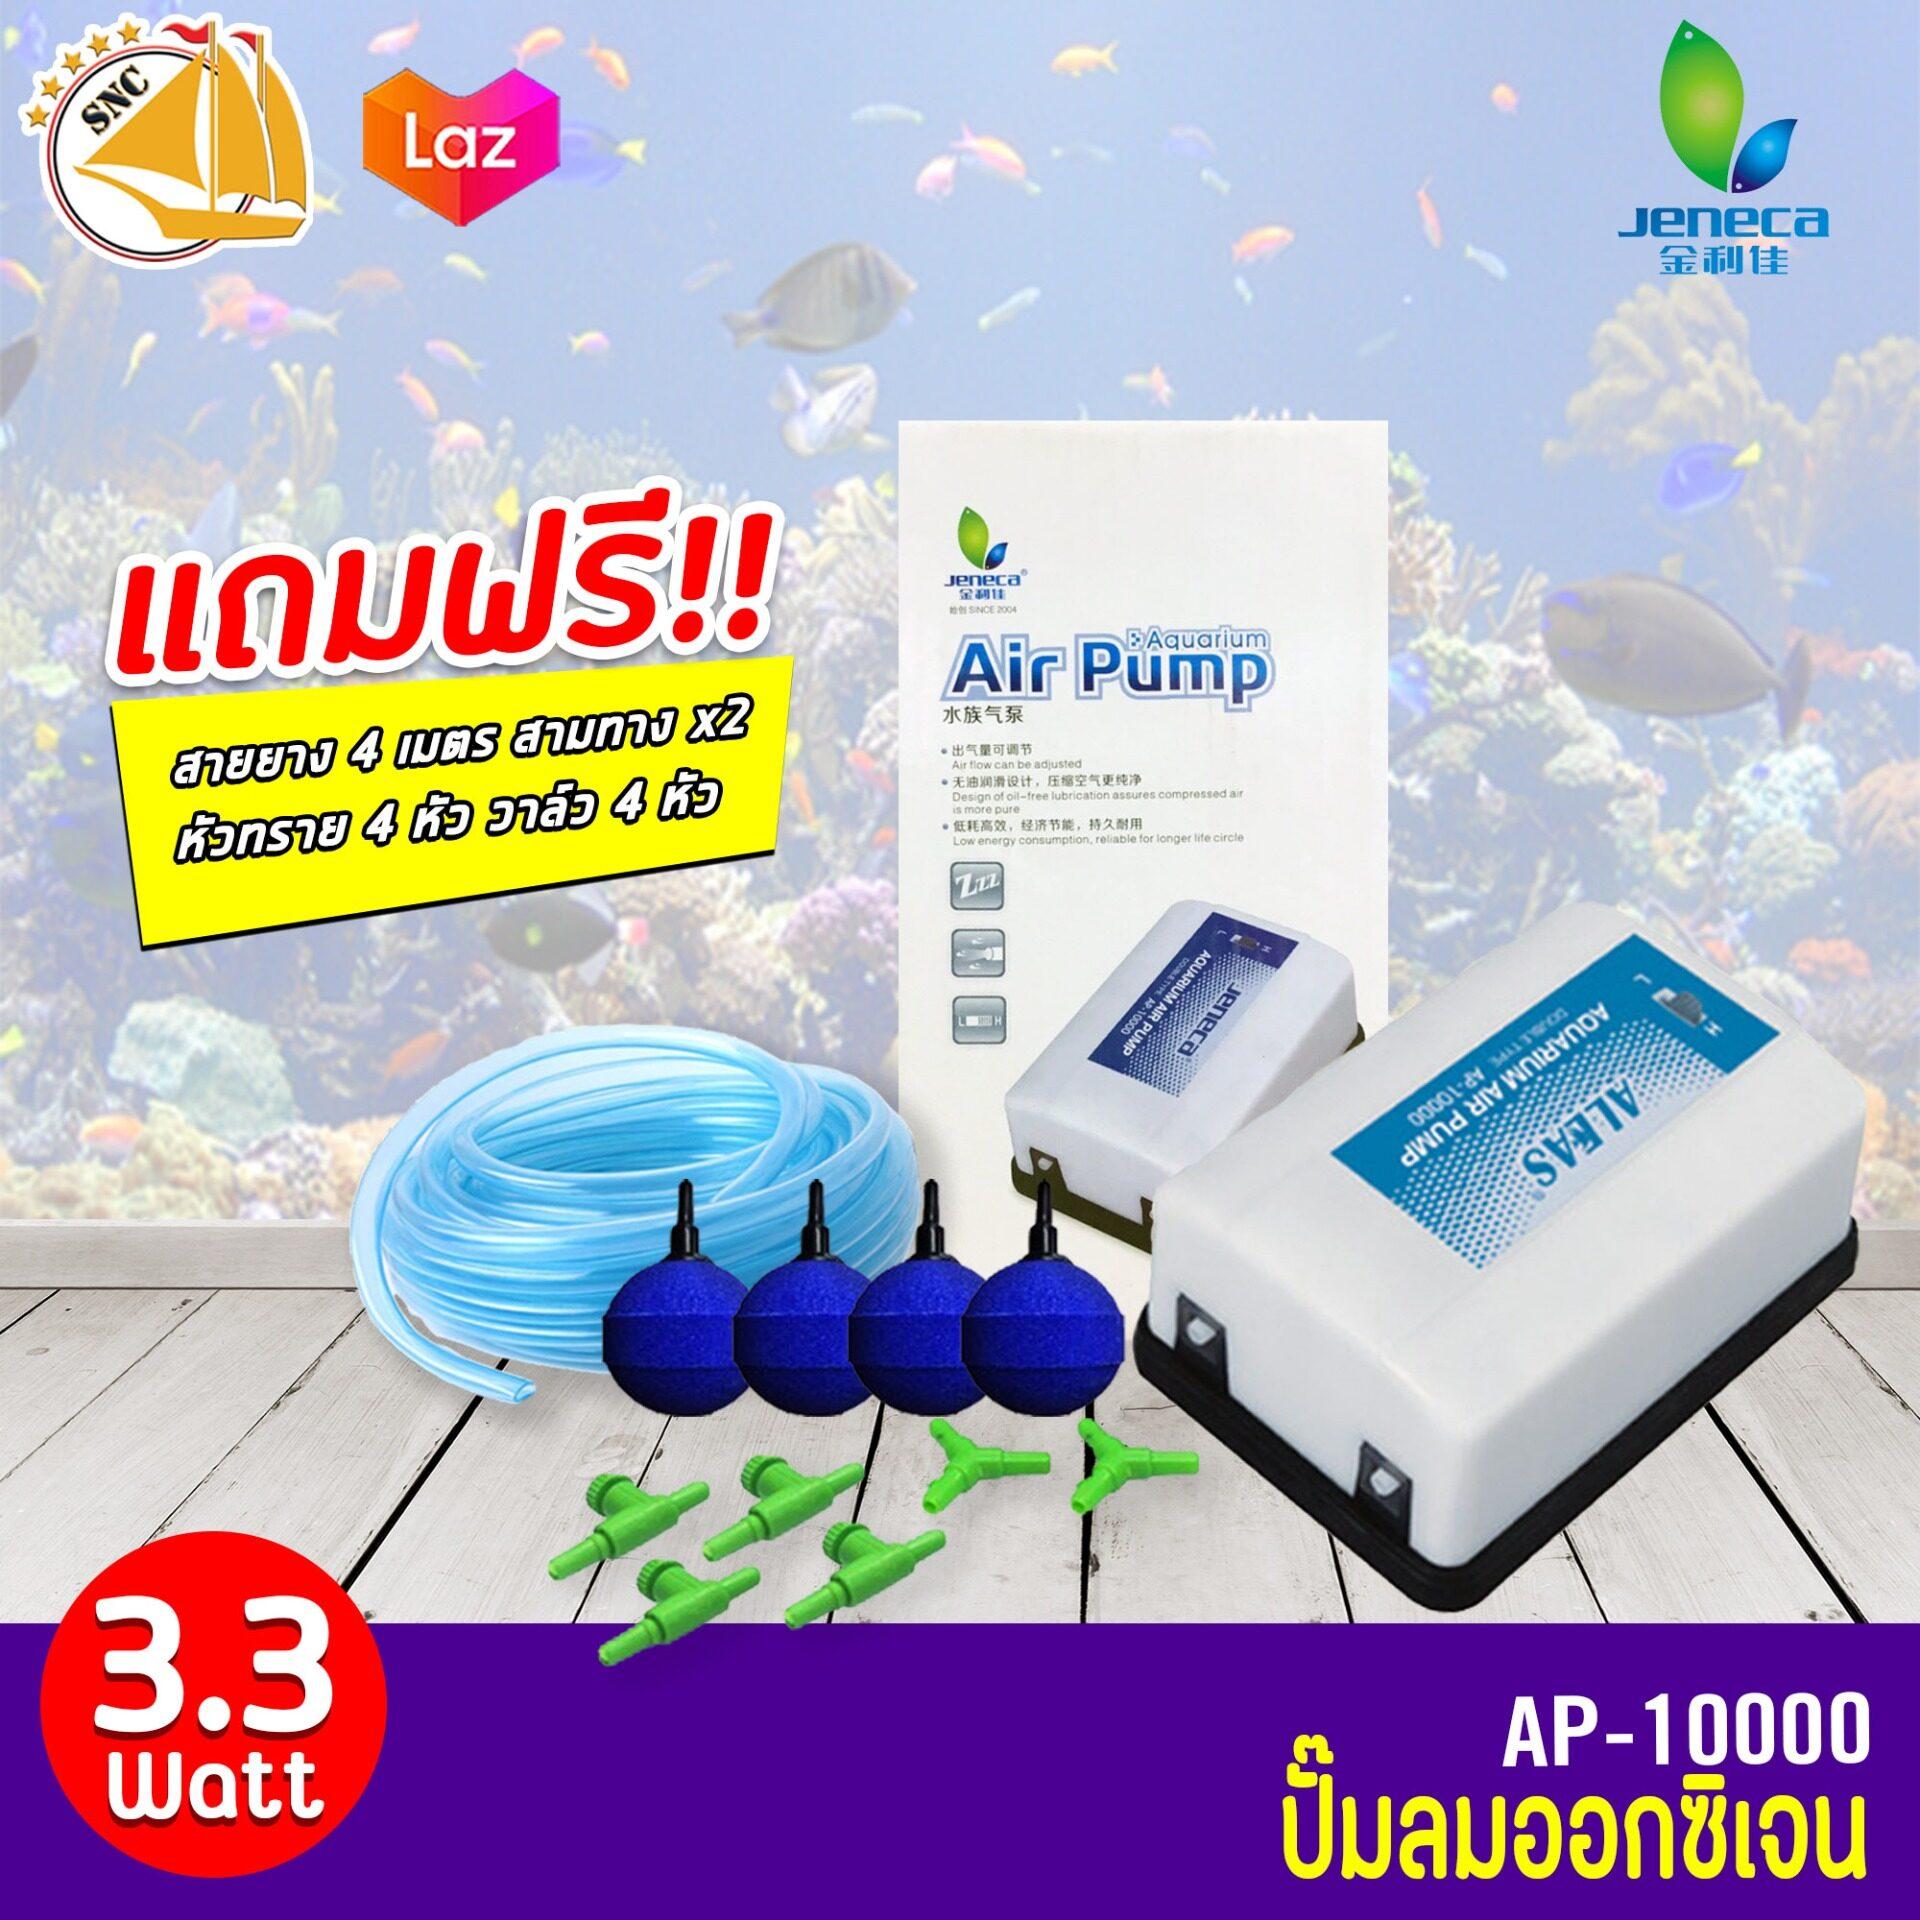 ปั๊มออกซิเจน 2 ทาง ปรับระดับได้ Air Pump Jeneca  AP-10000 แถมฟรีชุดข้อต่อ (Size S)